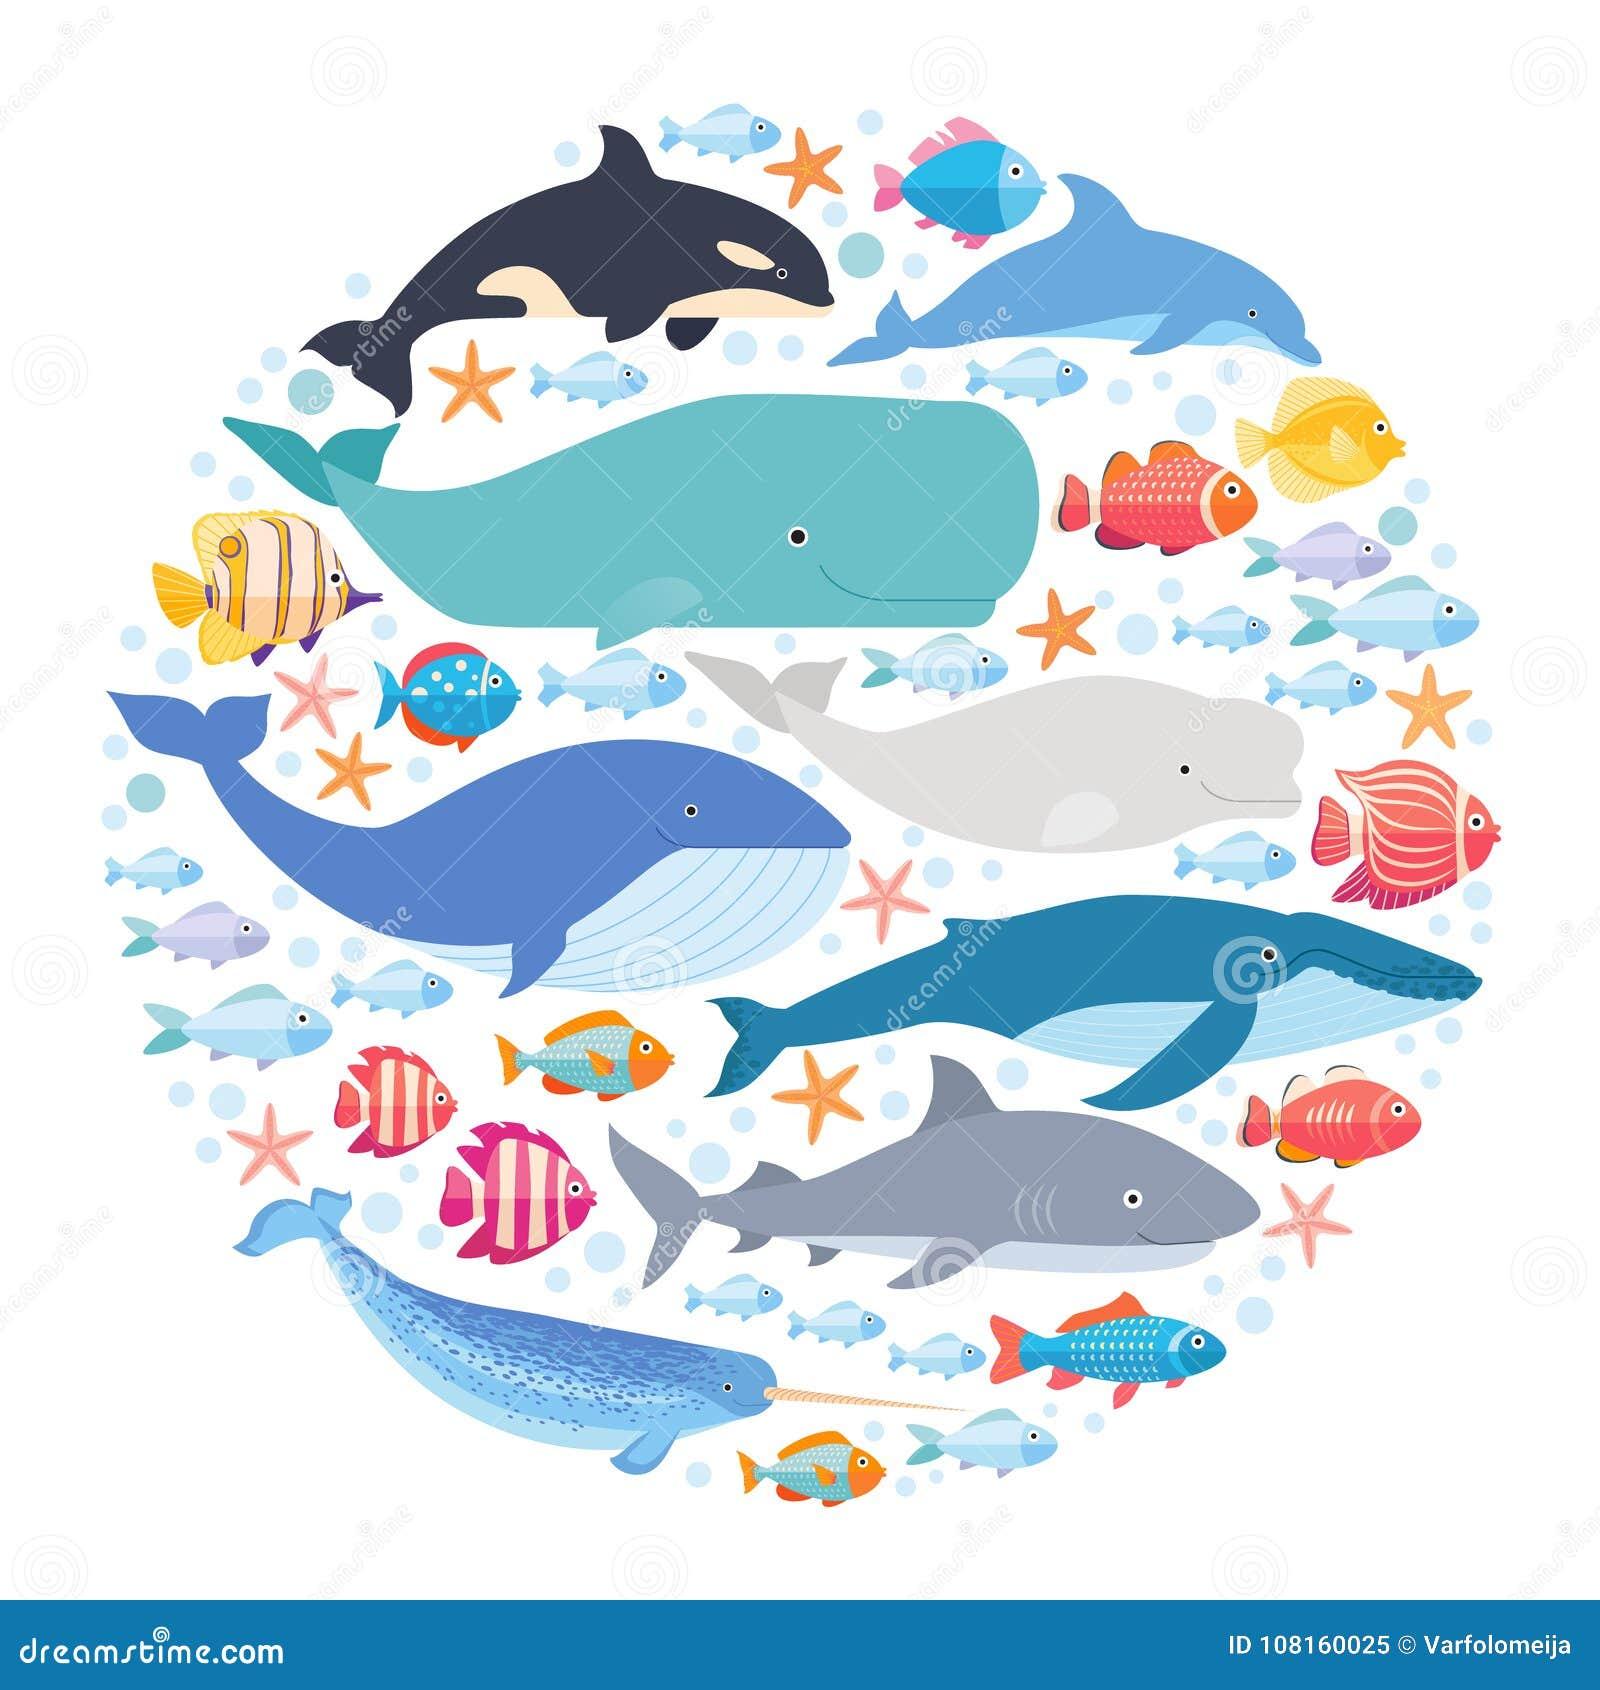 Морские млекопитающие и рыбы установленные в круг Narwhal, синий кит, дельфин, кит белуги, горбатый кит, гренландский кит и сперм